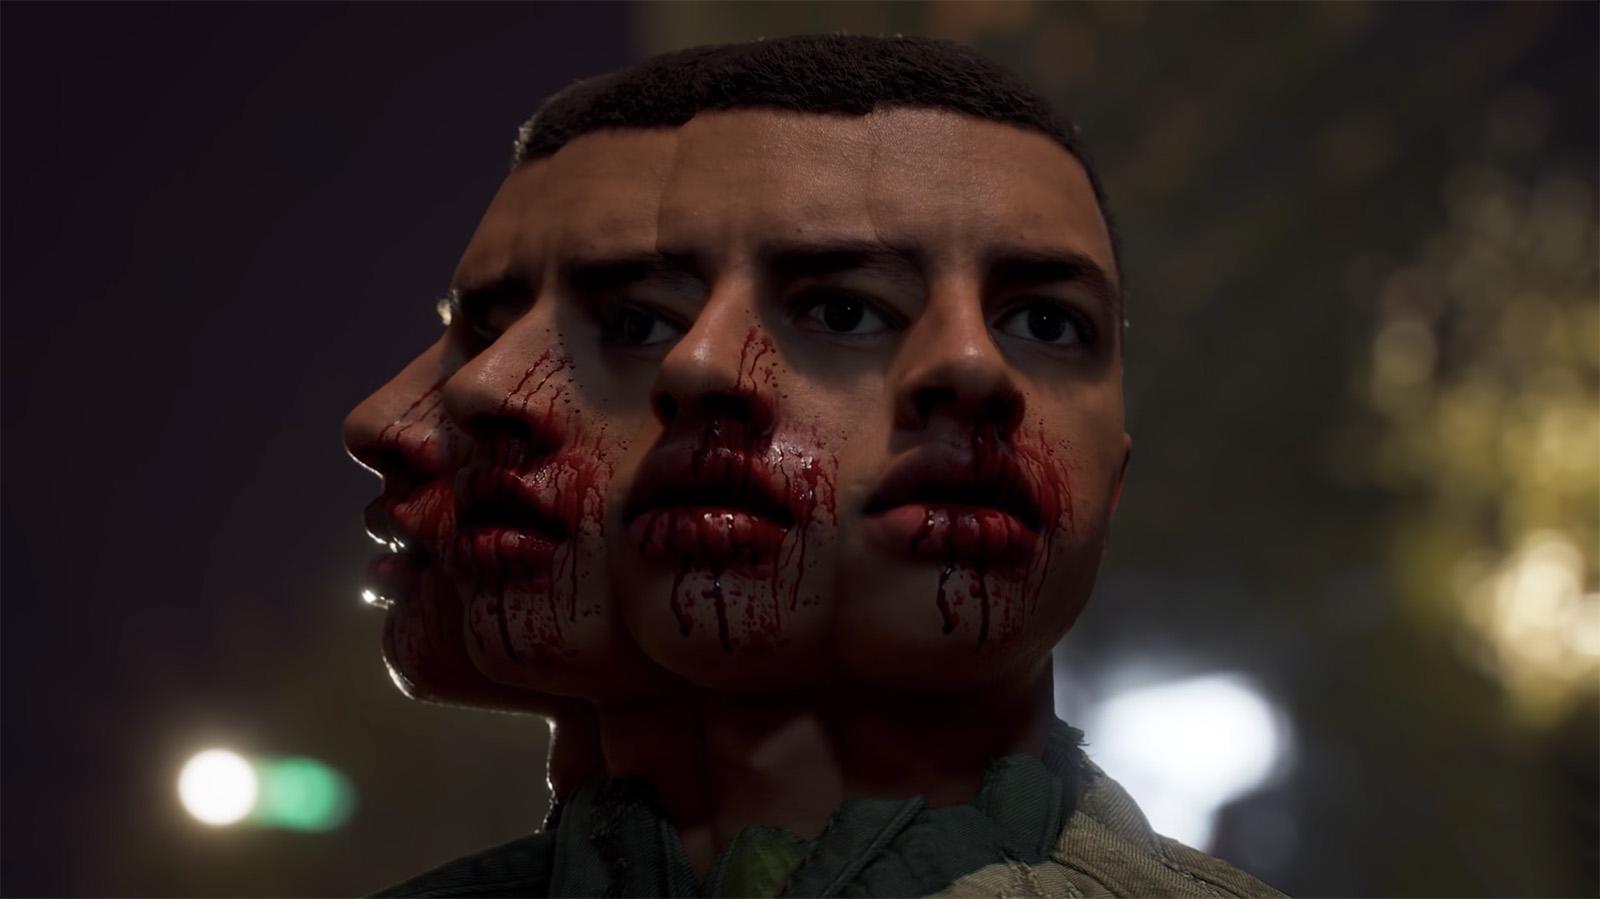 CG-моделинг 80 уровня: фотореалистичные персонажи real-time в Unreal - 1